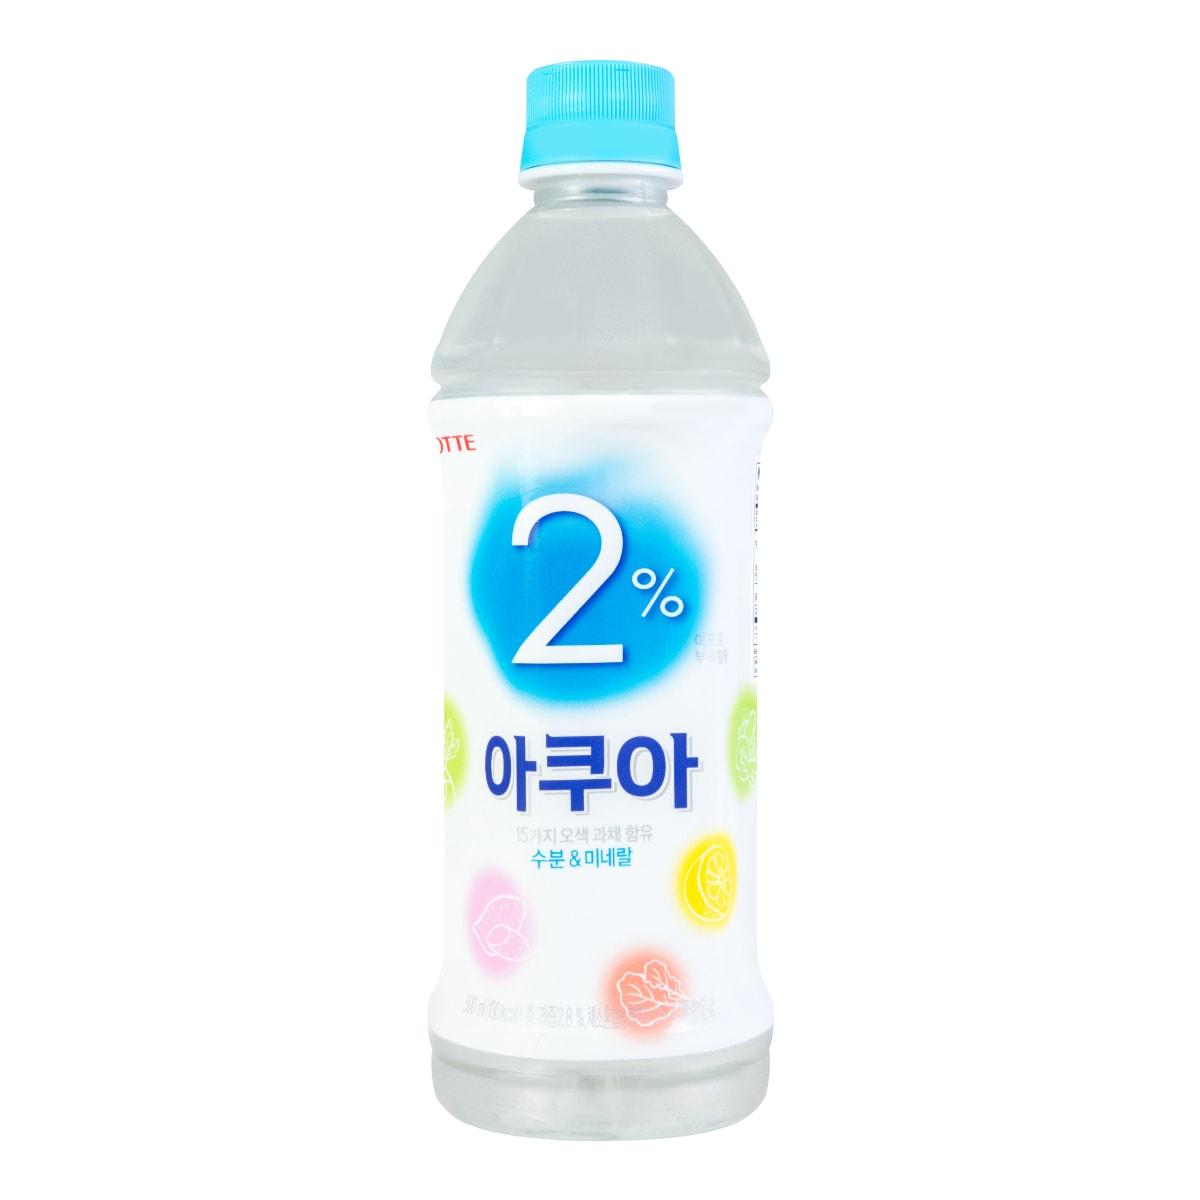 韩国LOTTE乐天 2%能量饮料 500ml